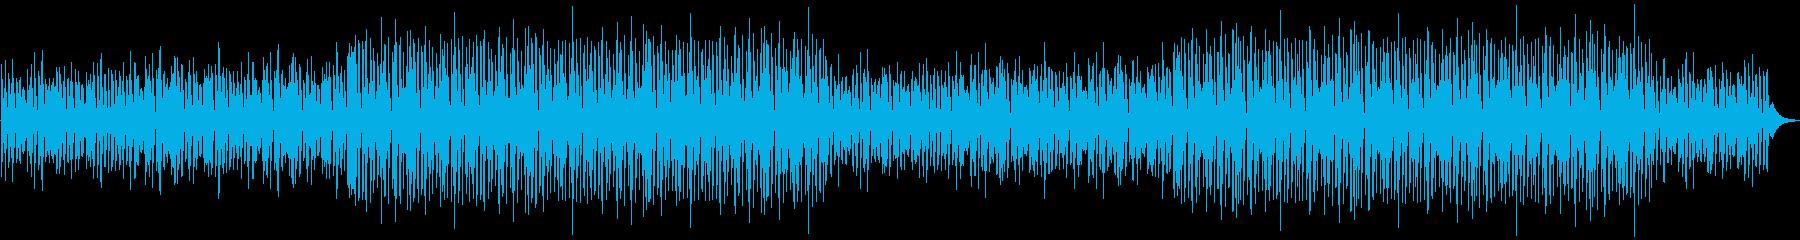 誕生日・明るい・ハッピー・ポップの再生済みの波形